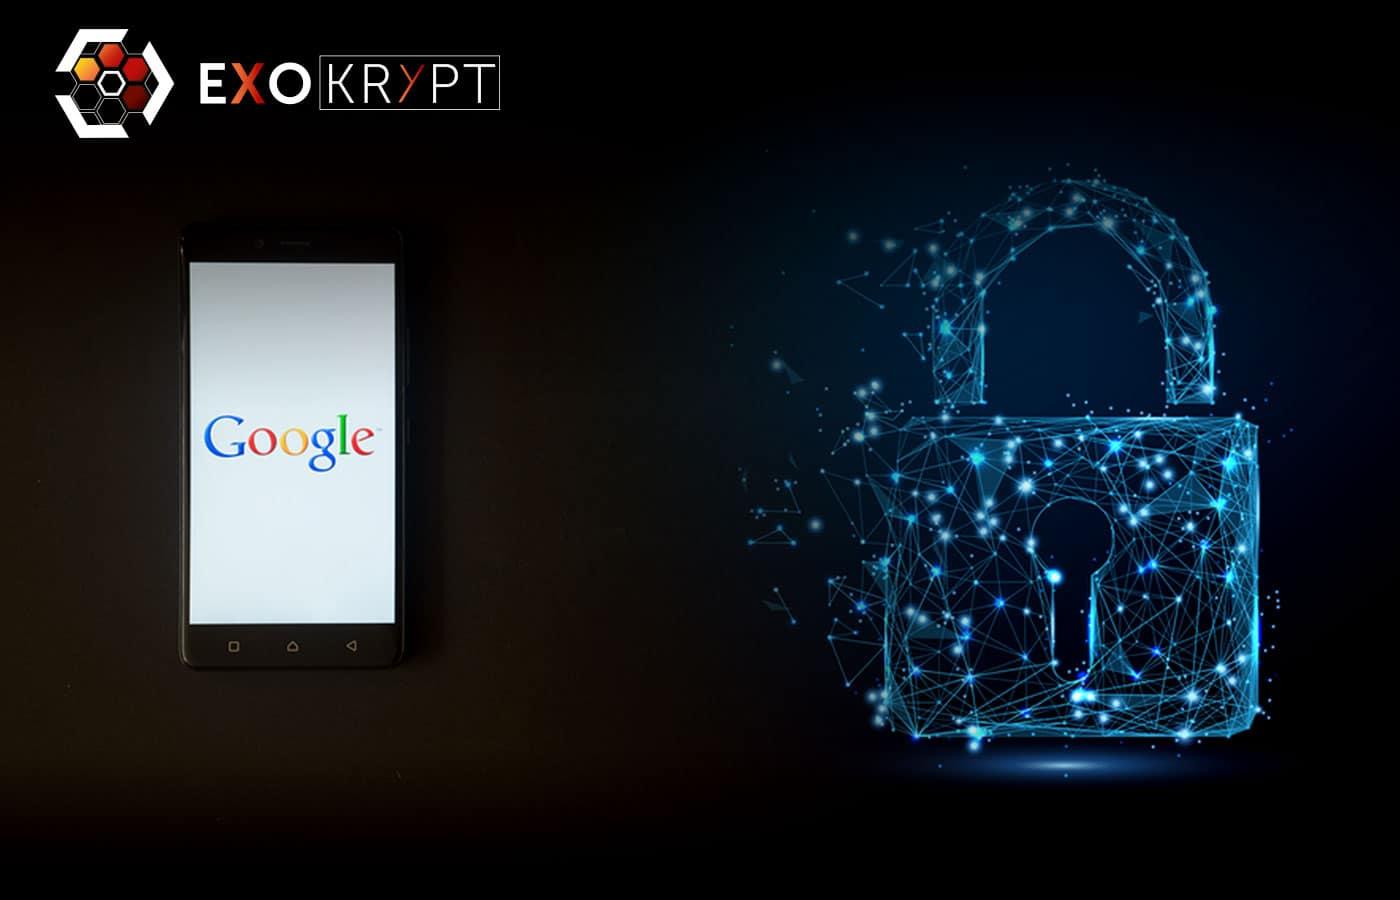 Links ein Smartphone mit Google Logo, rechts ein S